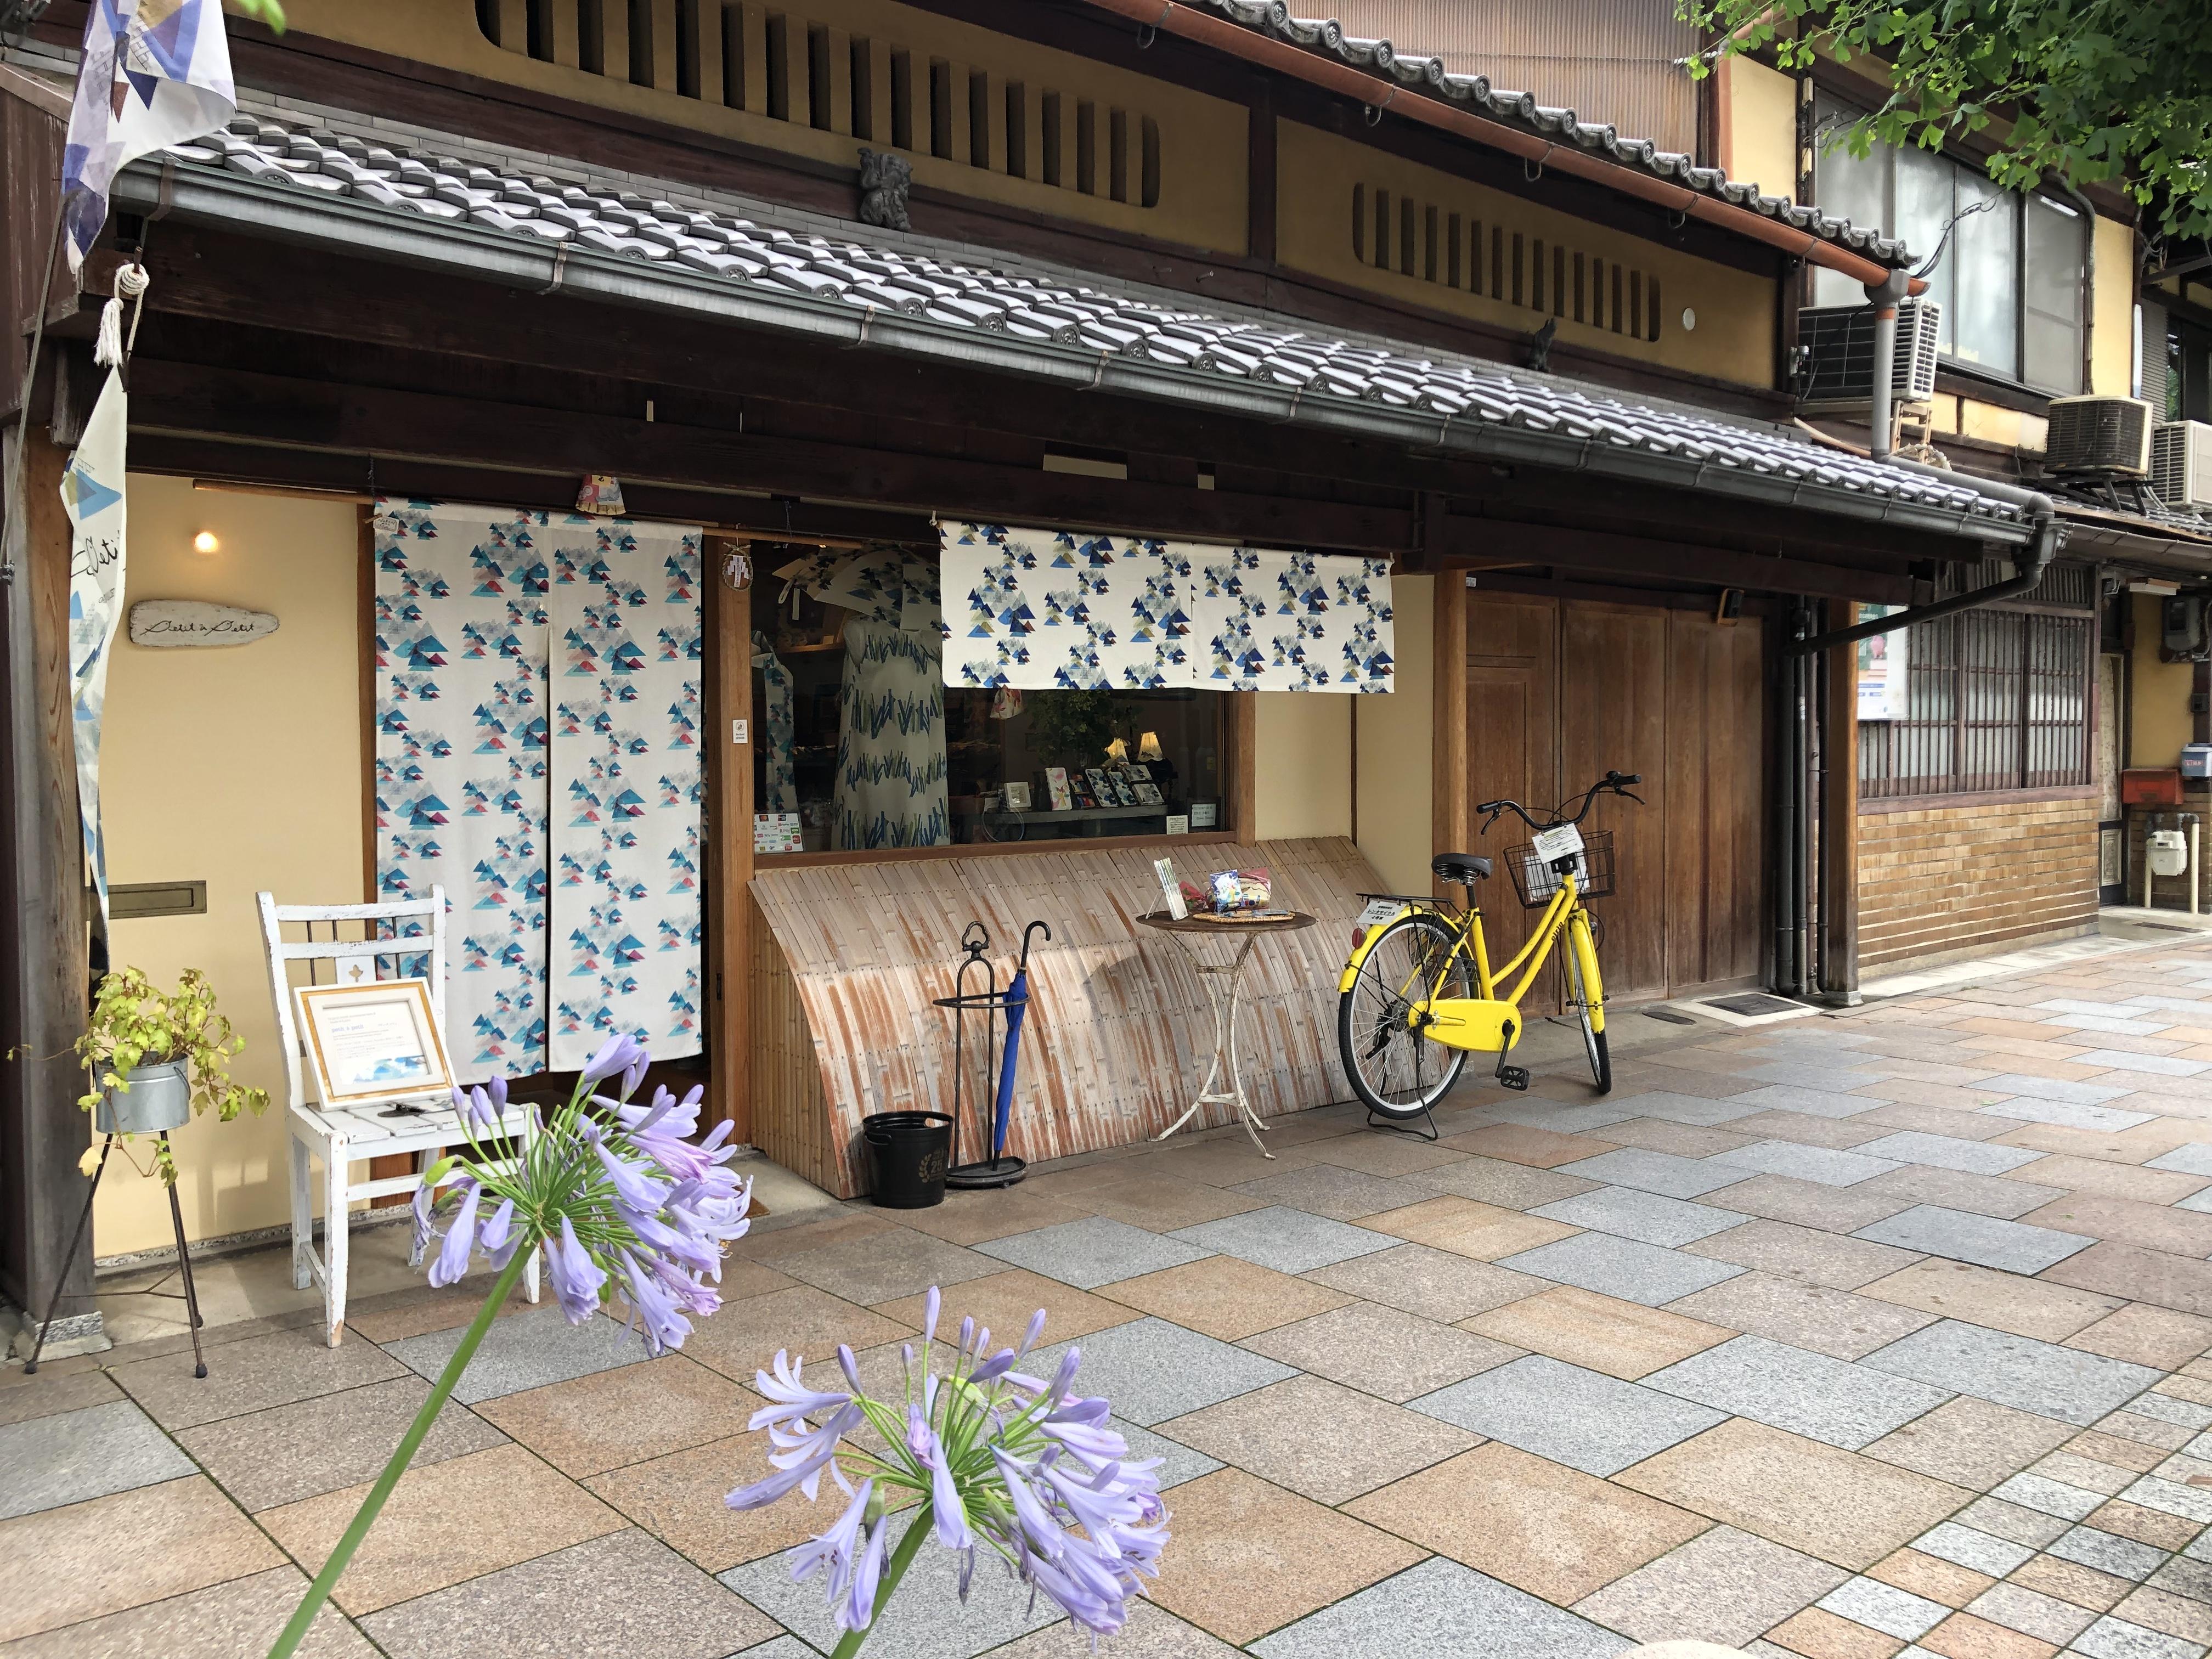 Kay  お知らせと、またまた京都へ出かける。 心のままに気の向くままに!ノープランでフラリとひとり風になる